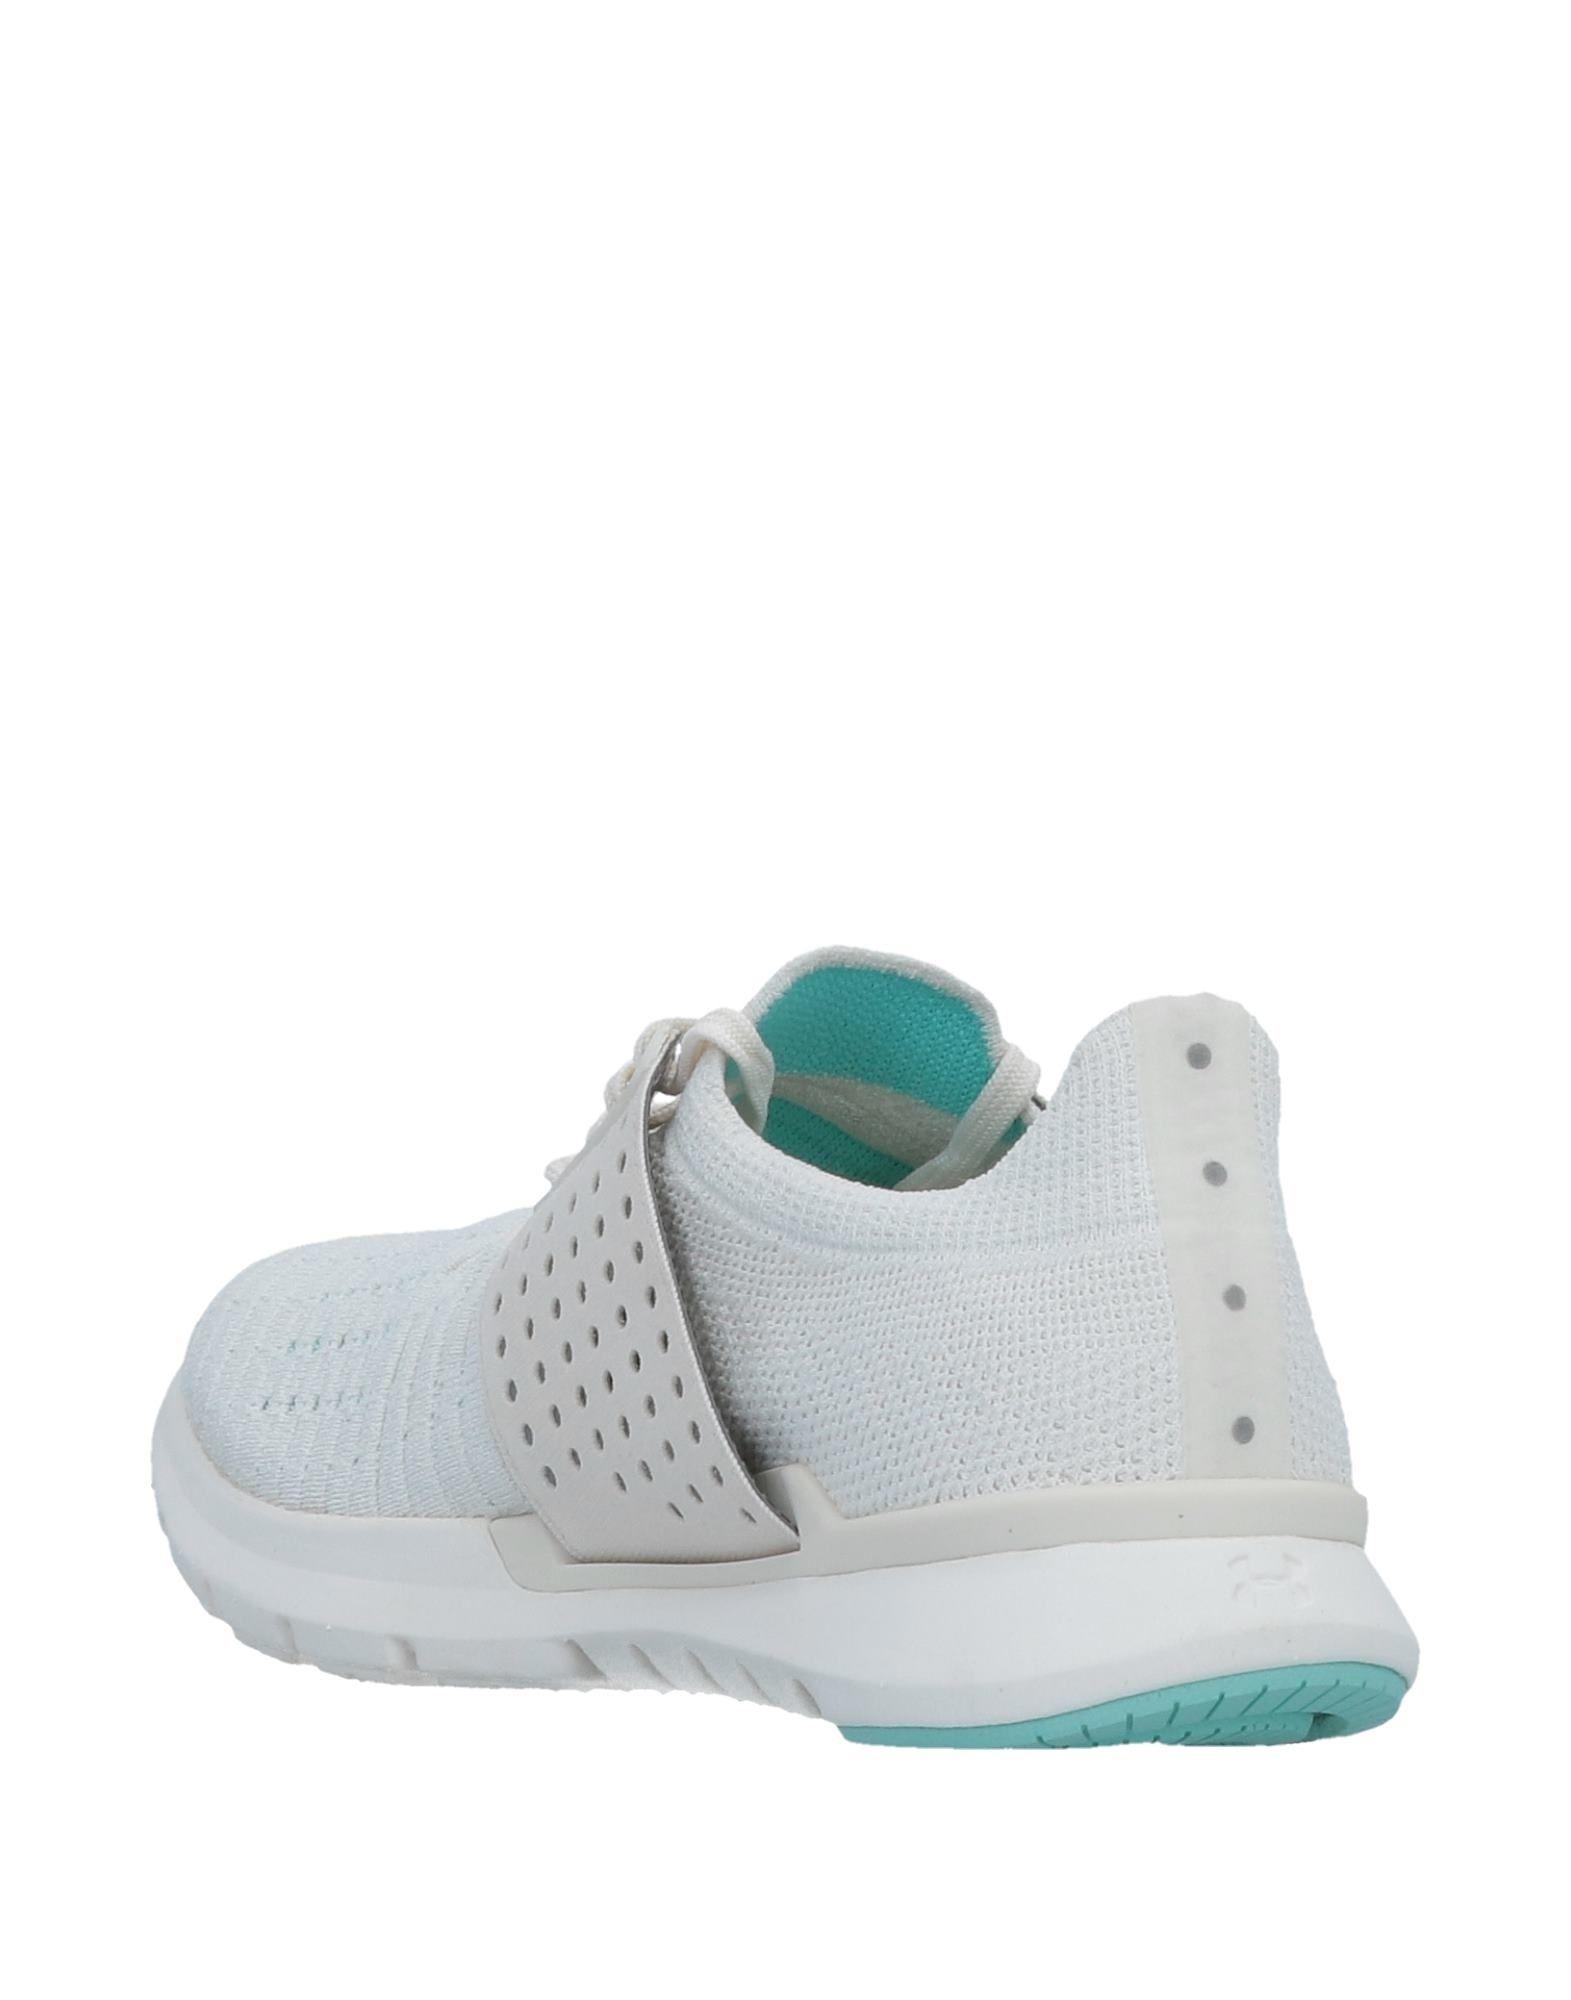 Under Armour 11509005AA Sneakers Damen  11509005AA Armour Gute Qualität beliebte Schuhe 90c586